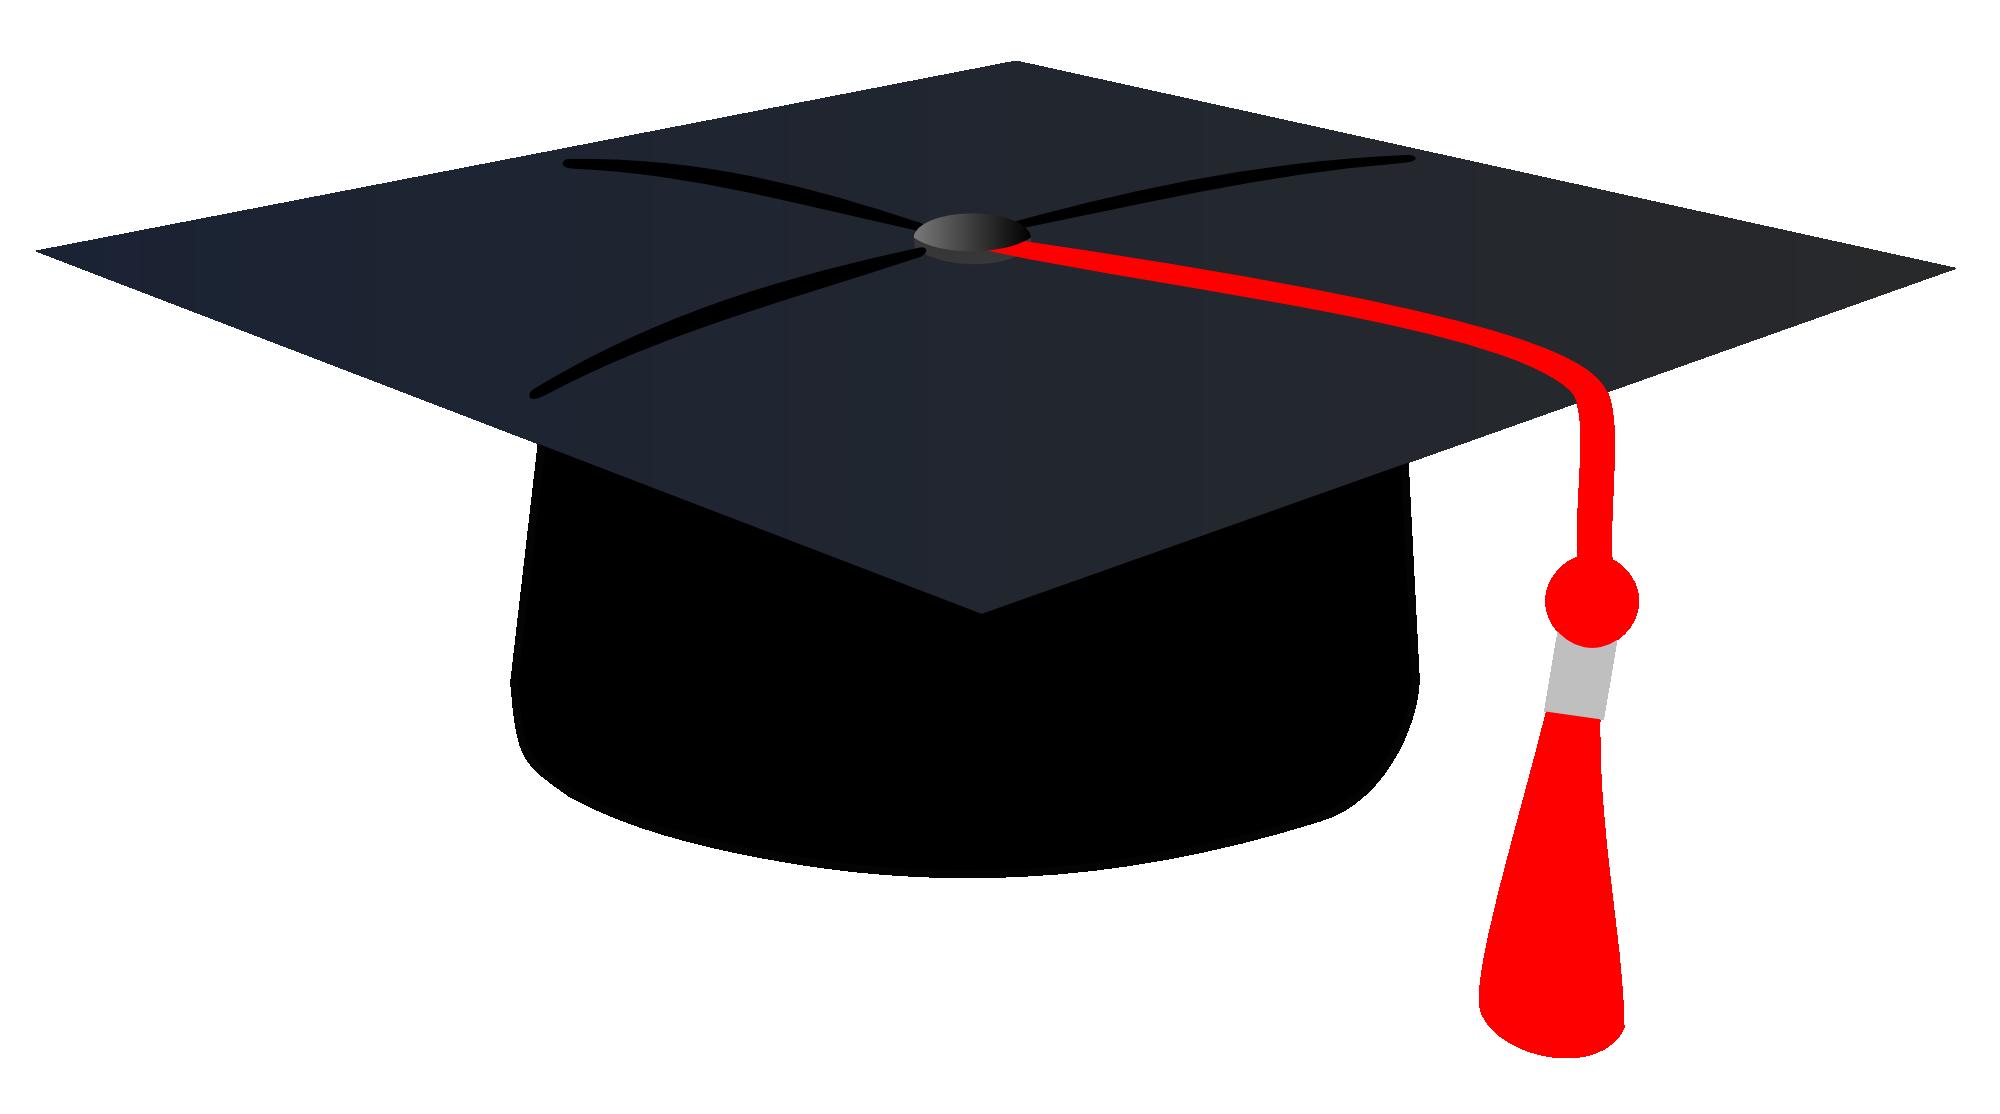 Graduation Cap Clipart Png Image Graduation Cap Clipart Graduation Cap Free Clip Art